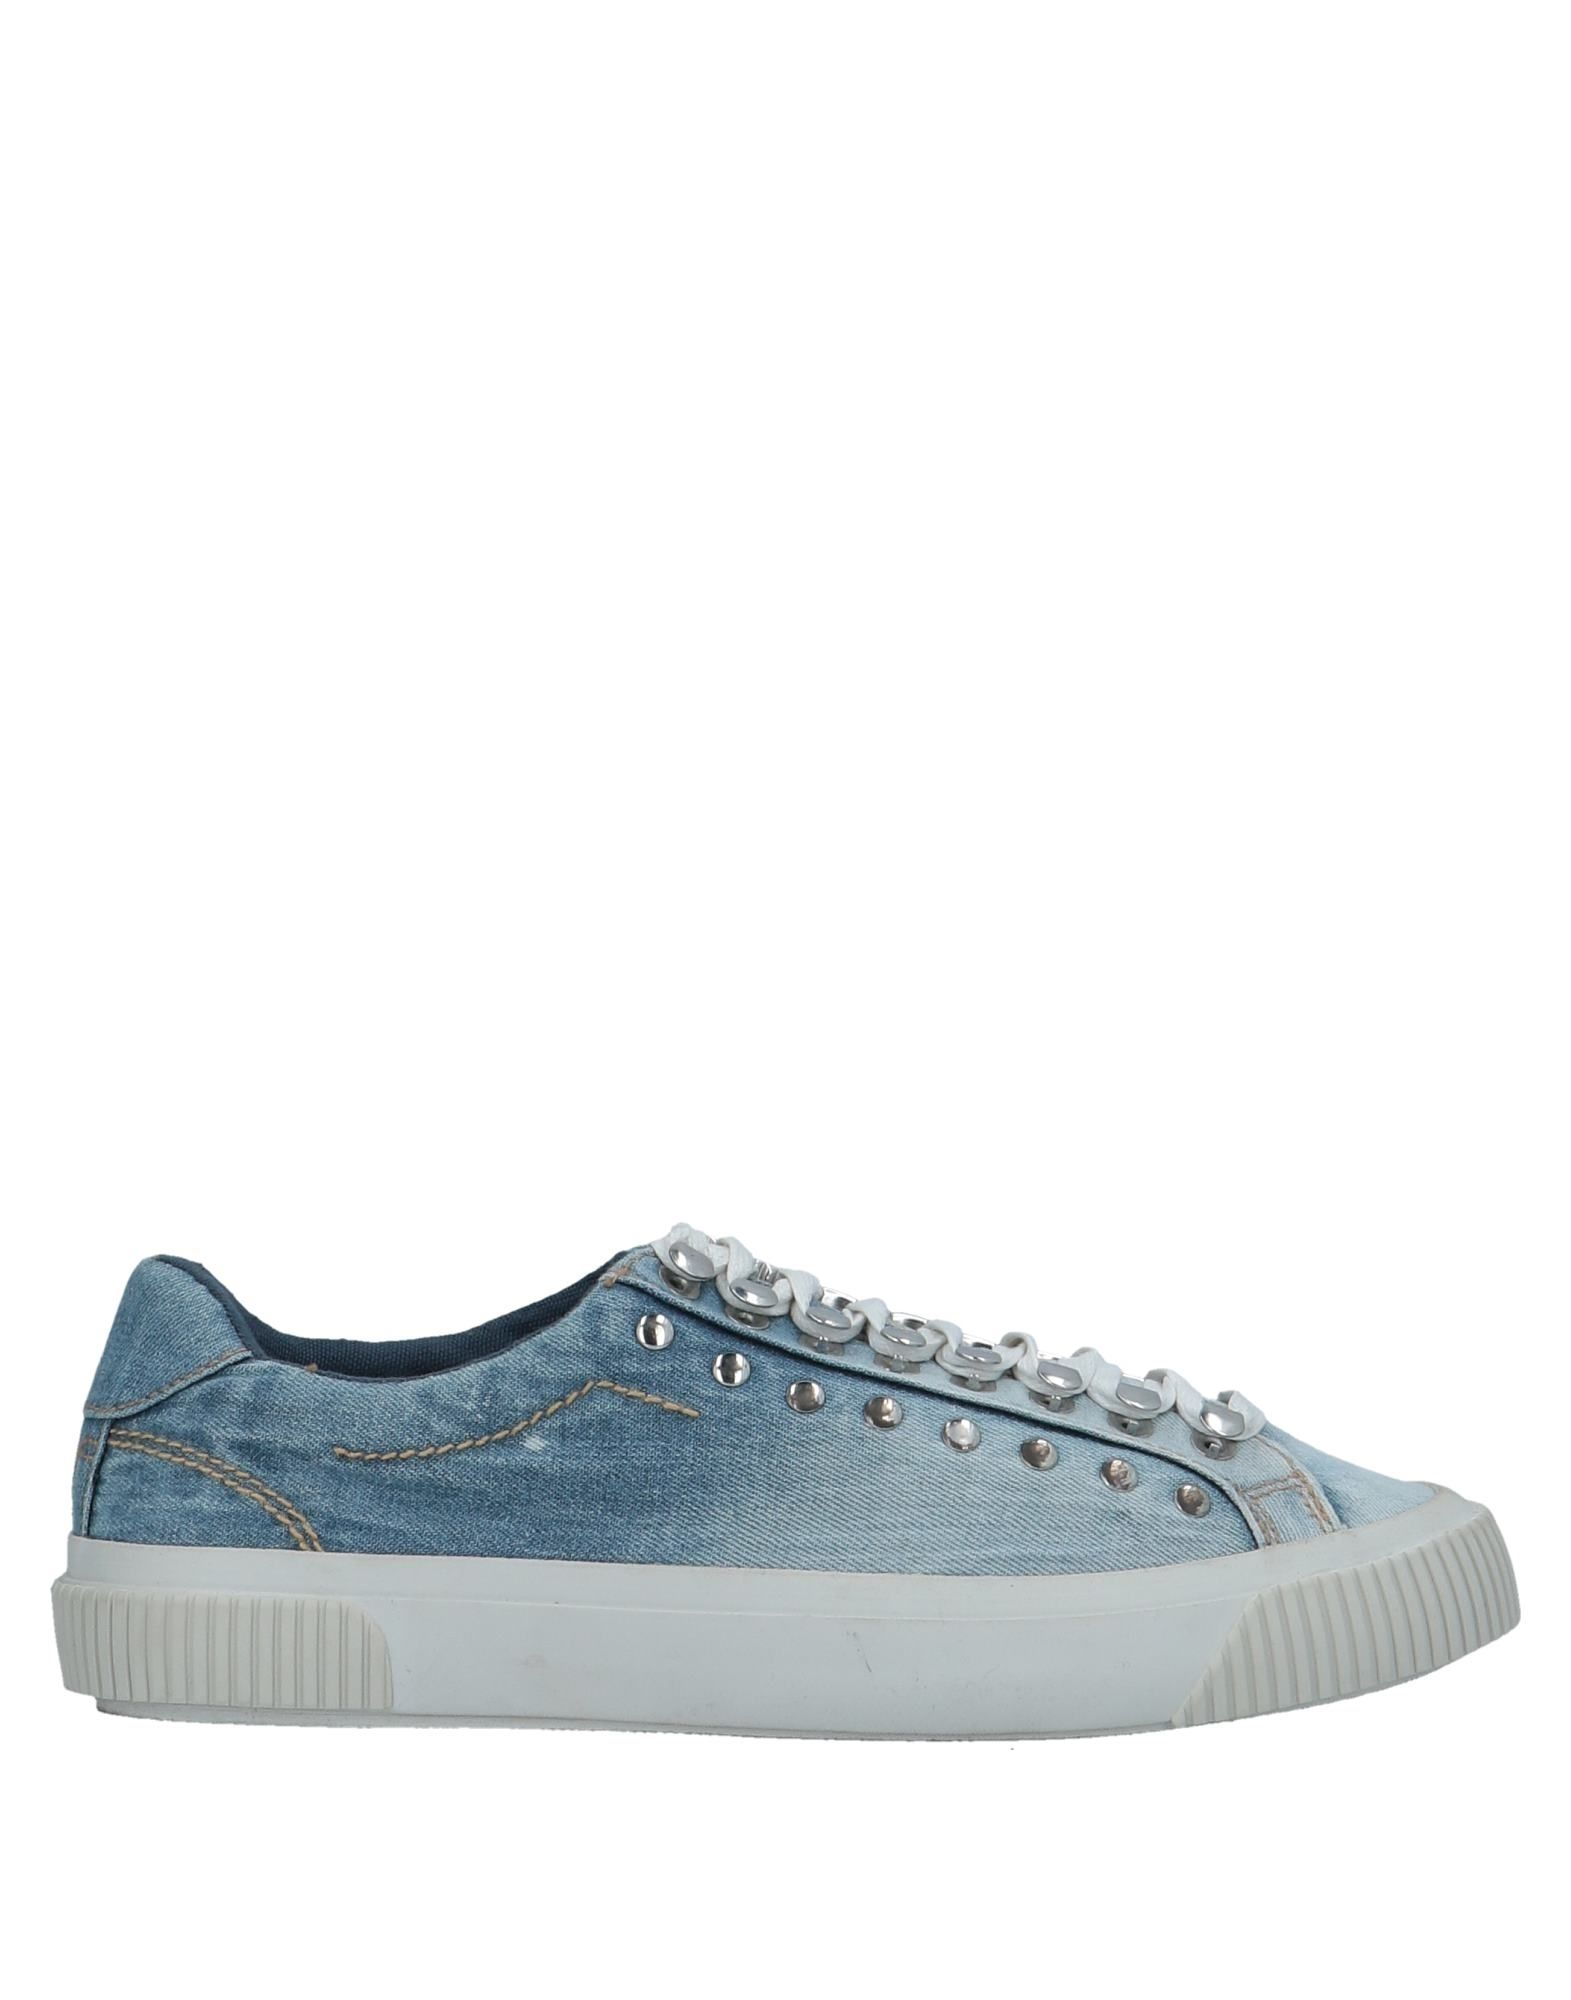 Moda Sneakers Diesel Donna - 11535798EE